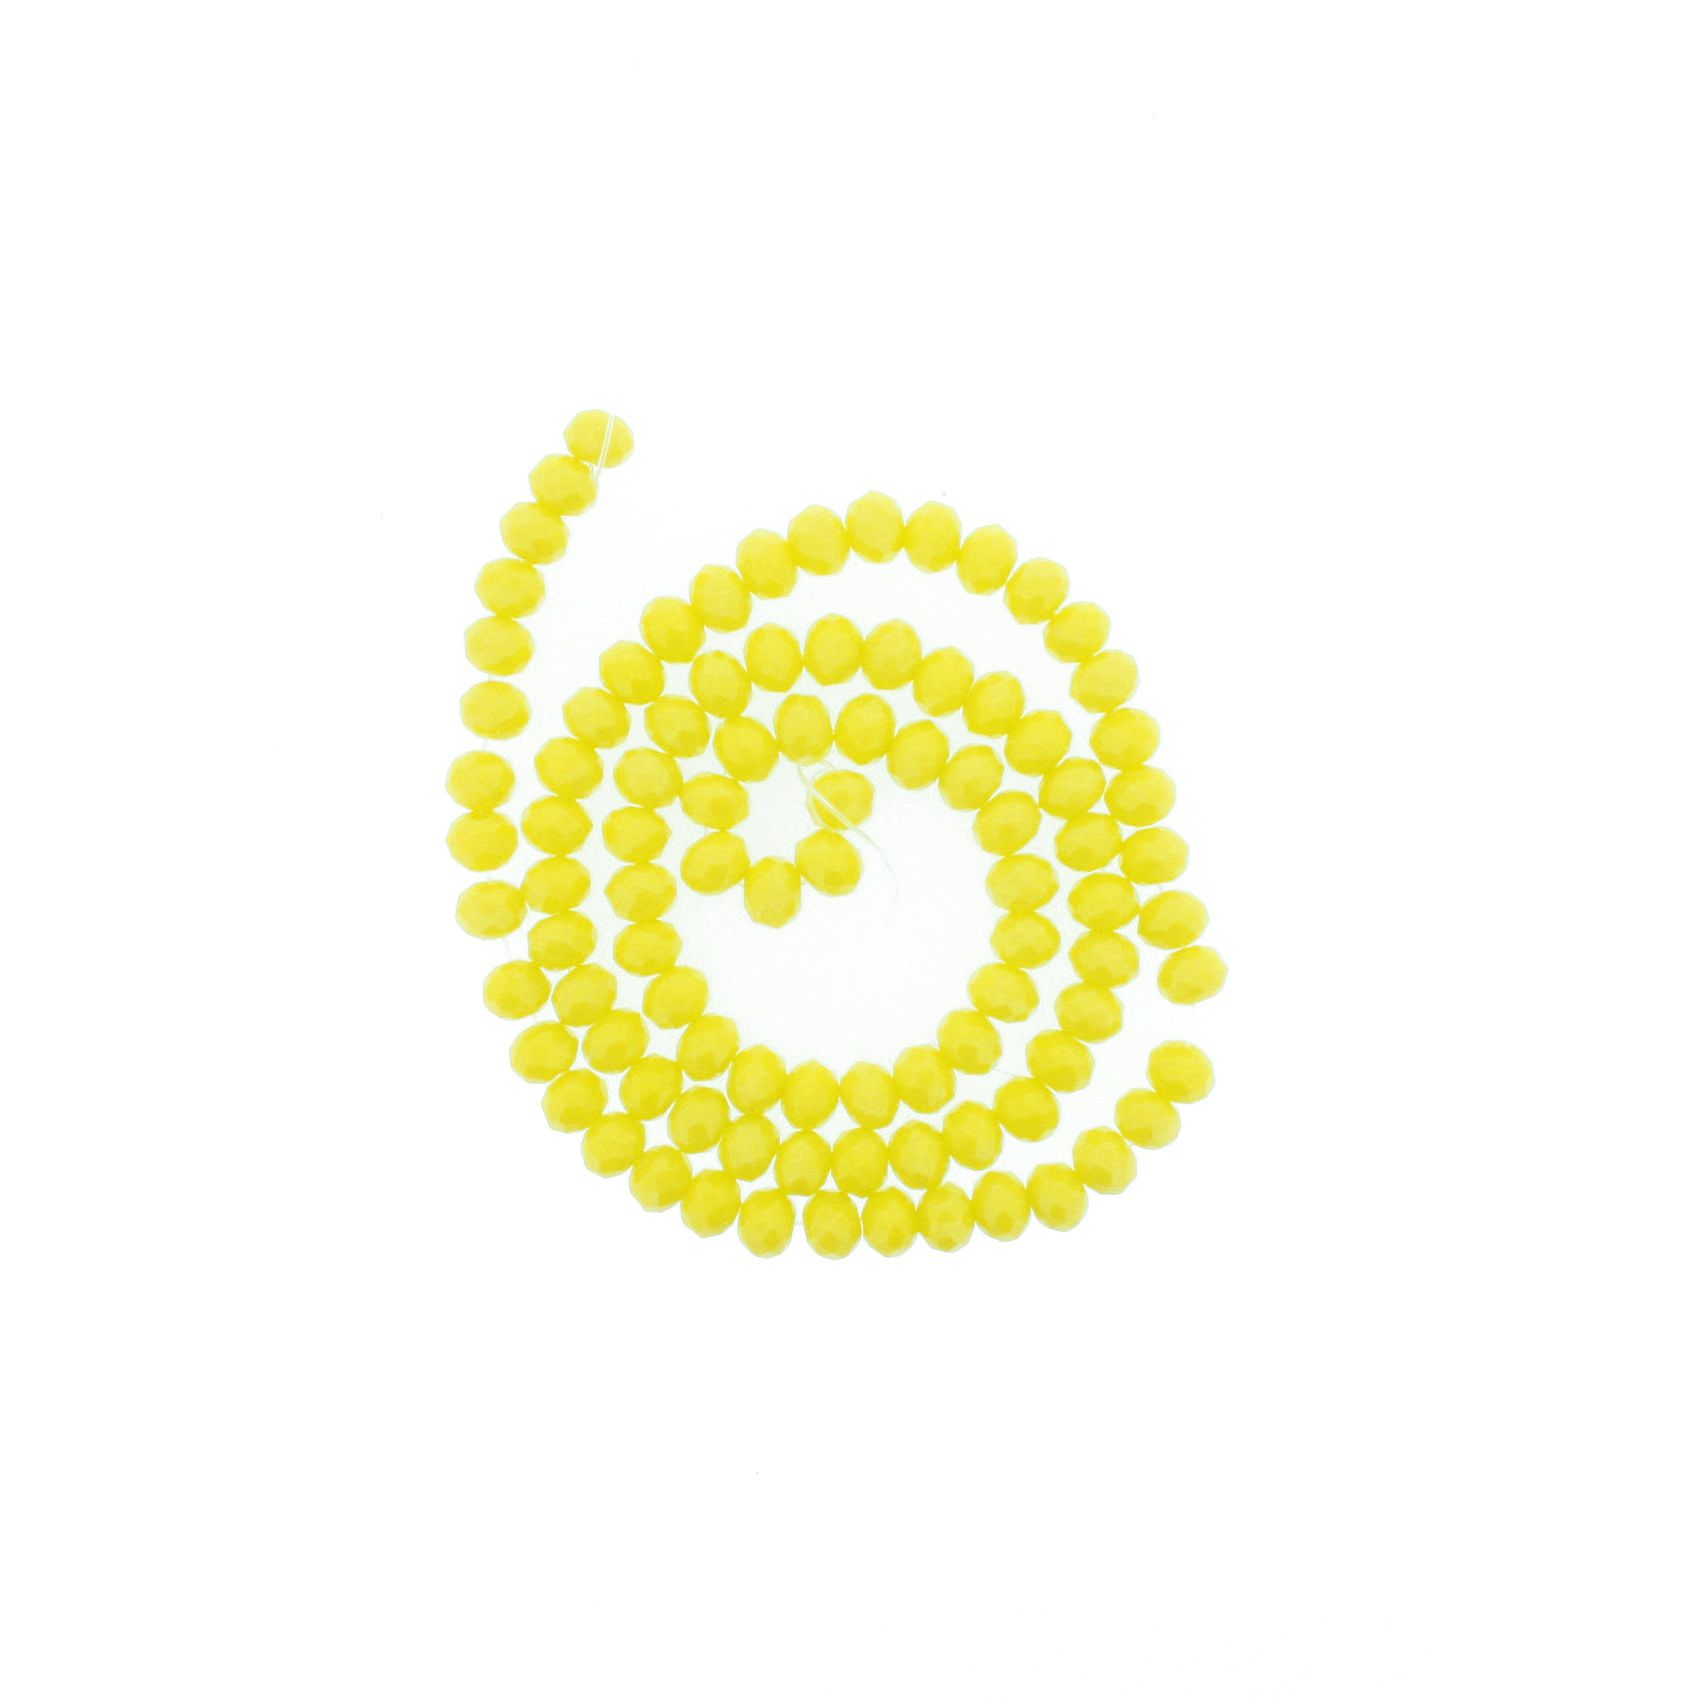 Fio de Cristal - Flat® - Amarelo - 6mm  - Stéphanie Bijoux® - Peças para Bijuterias e Artesanato